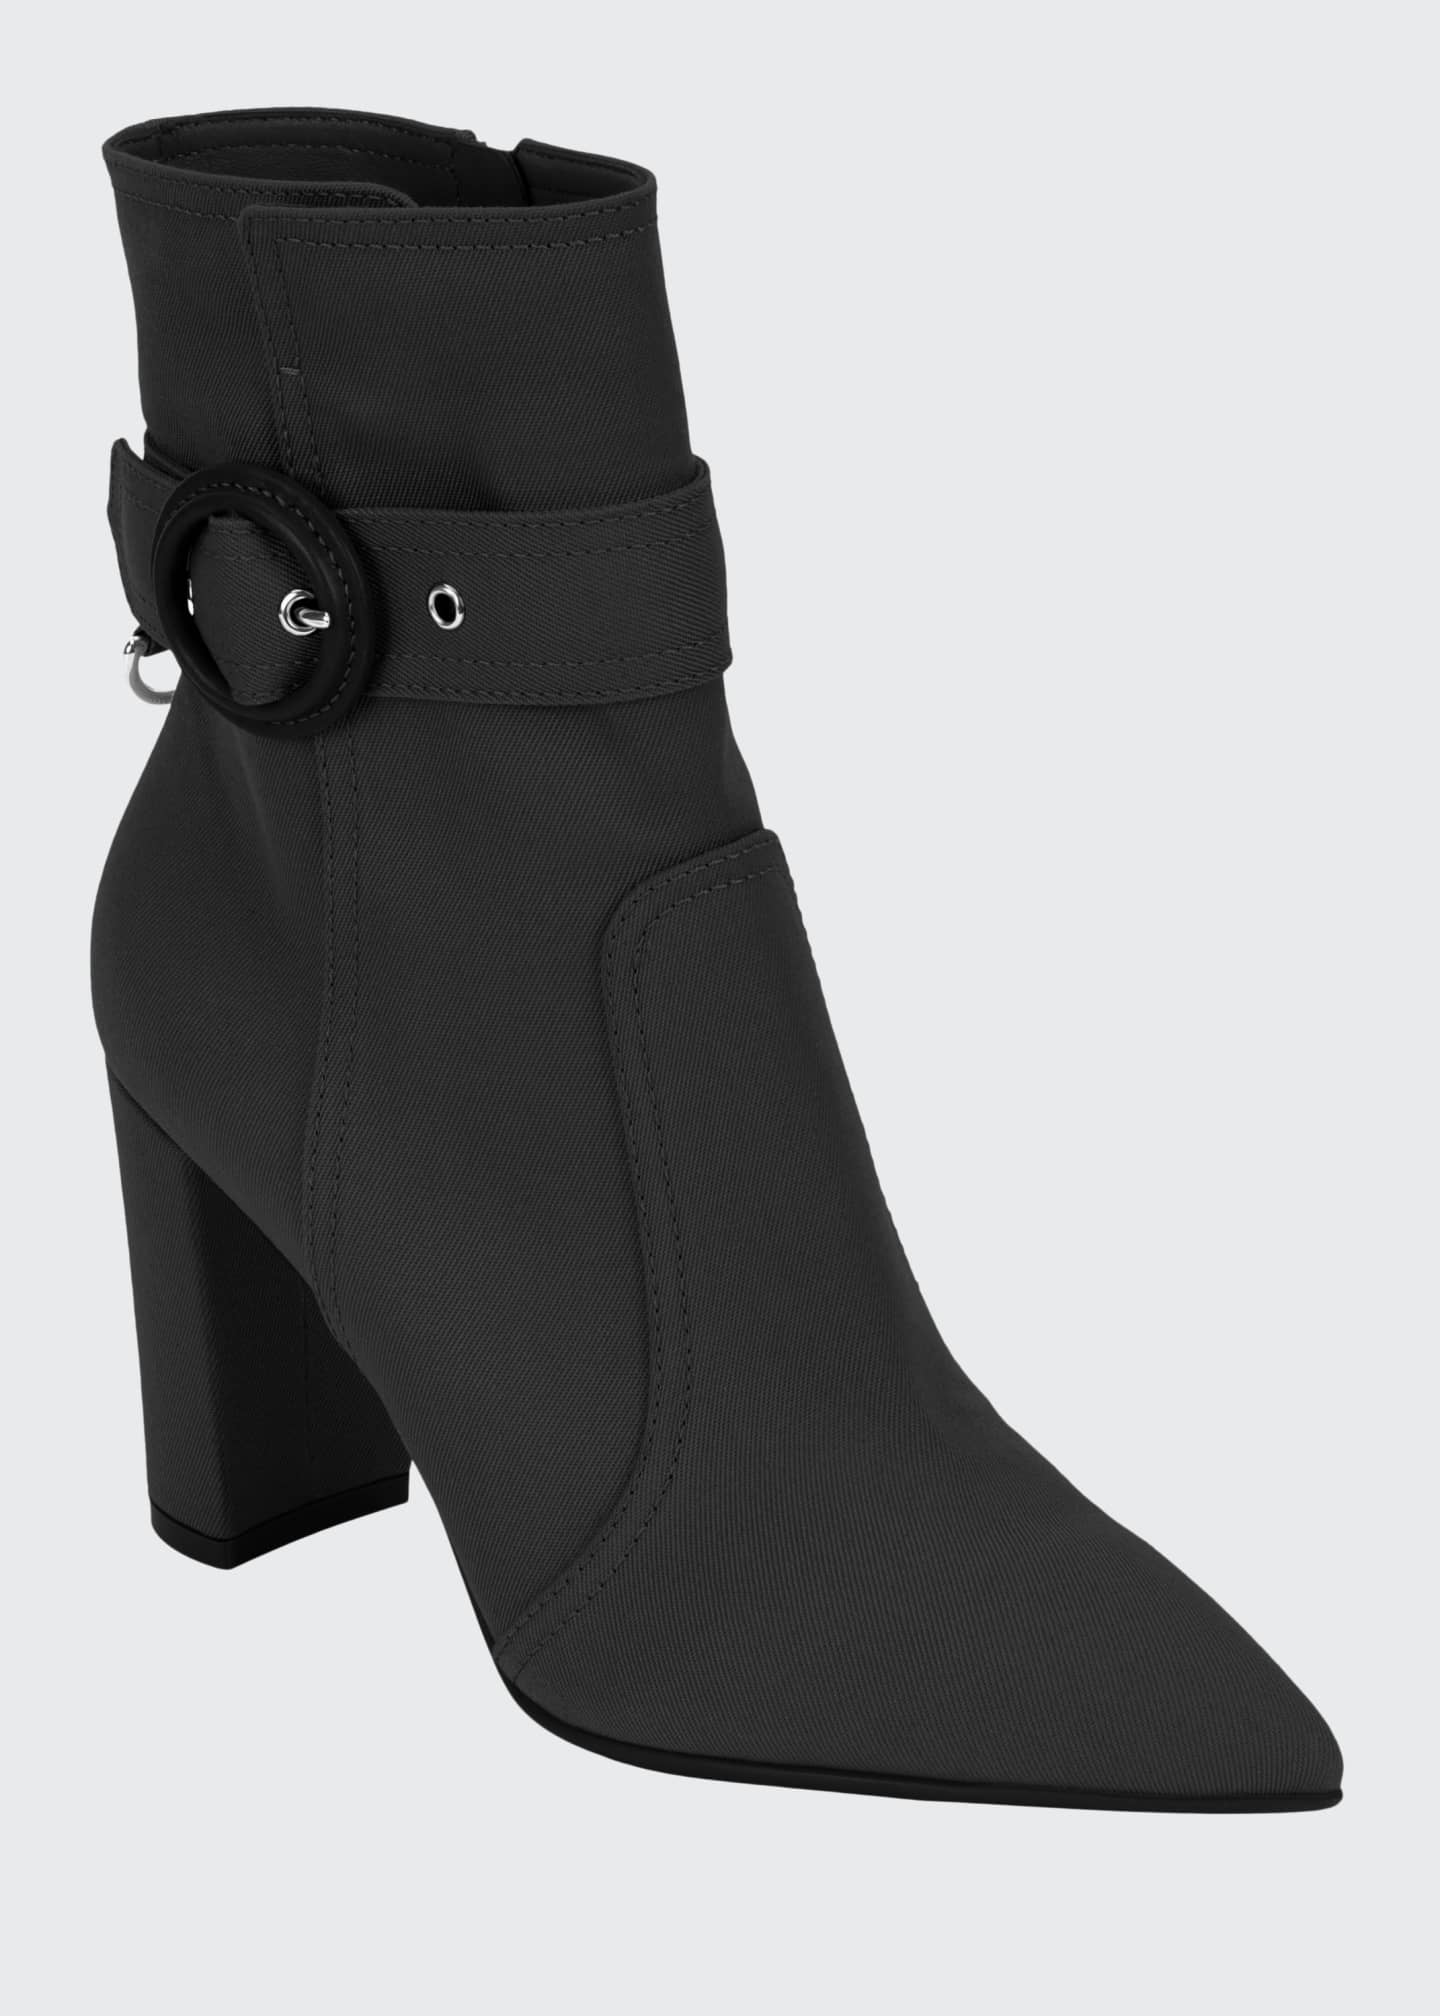 Gianvito Rossi Waterproof Fabric 85mm Booties